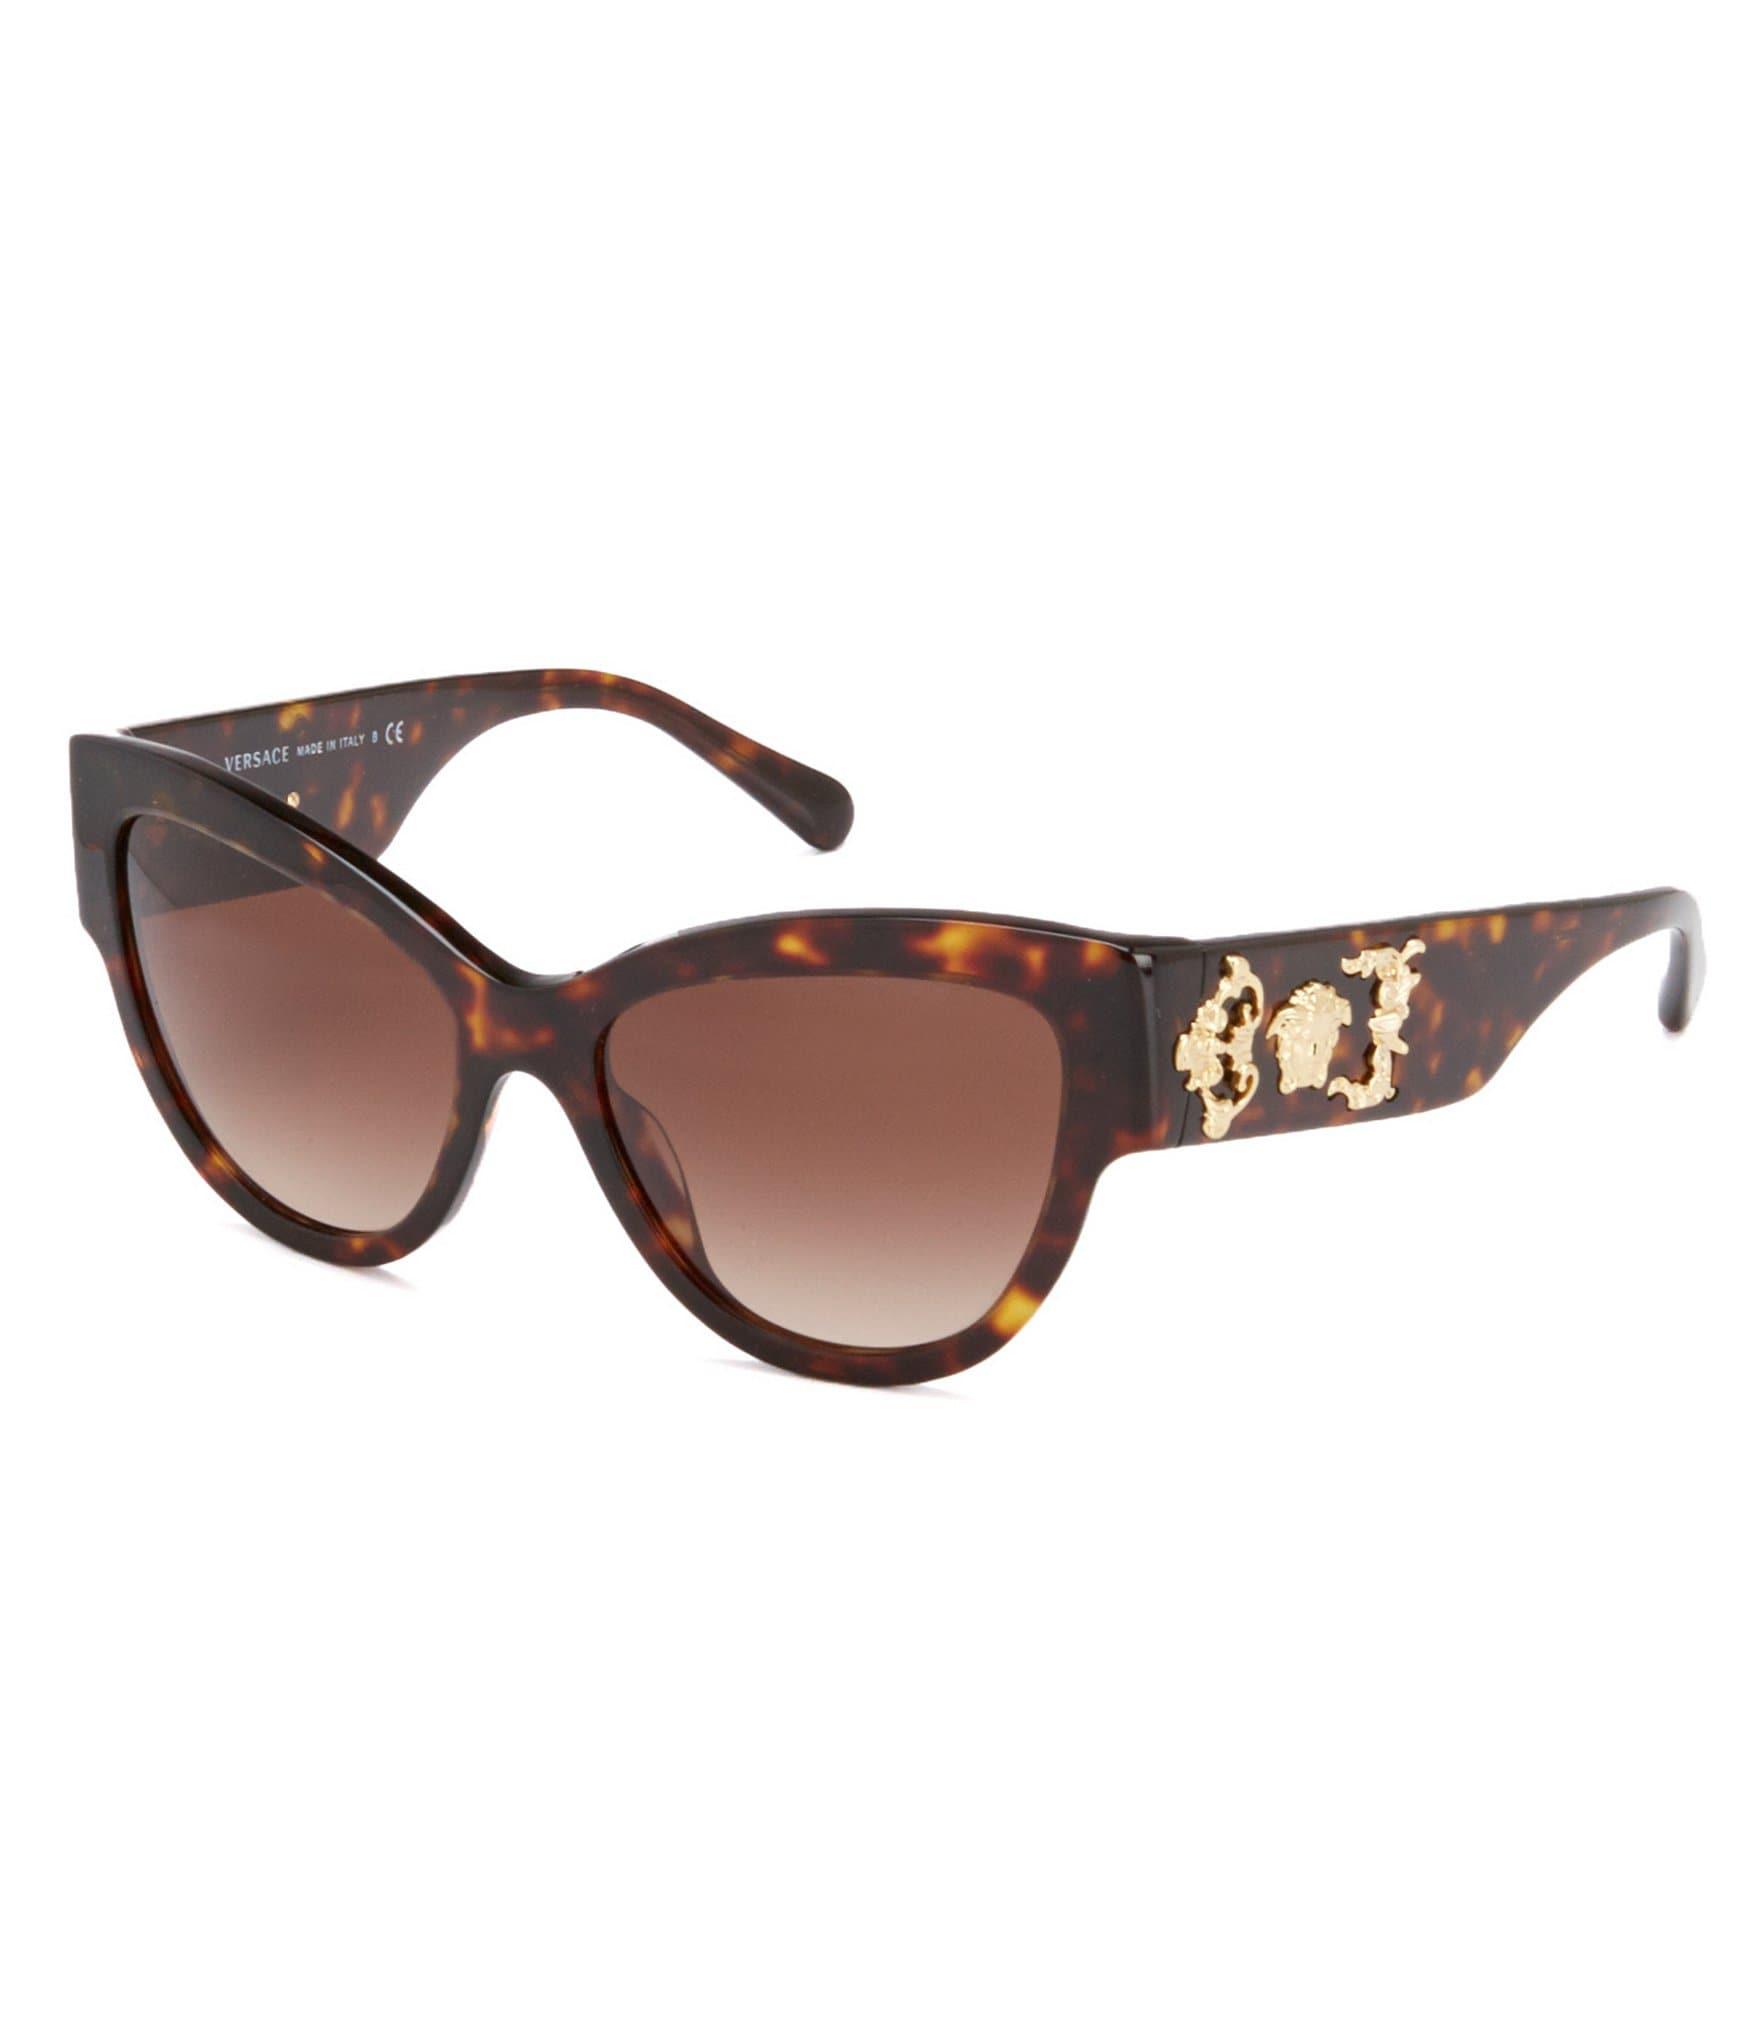 2a7c6a849389 Versace Sunglasses Medusa Mens